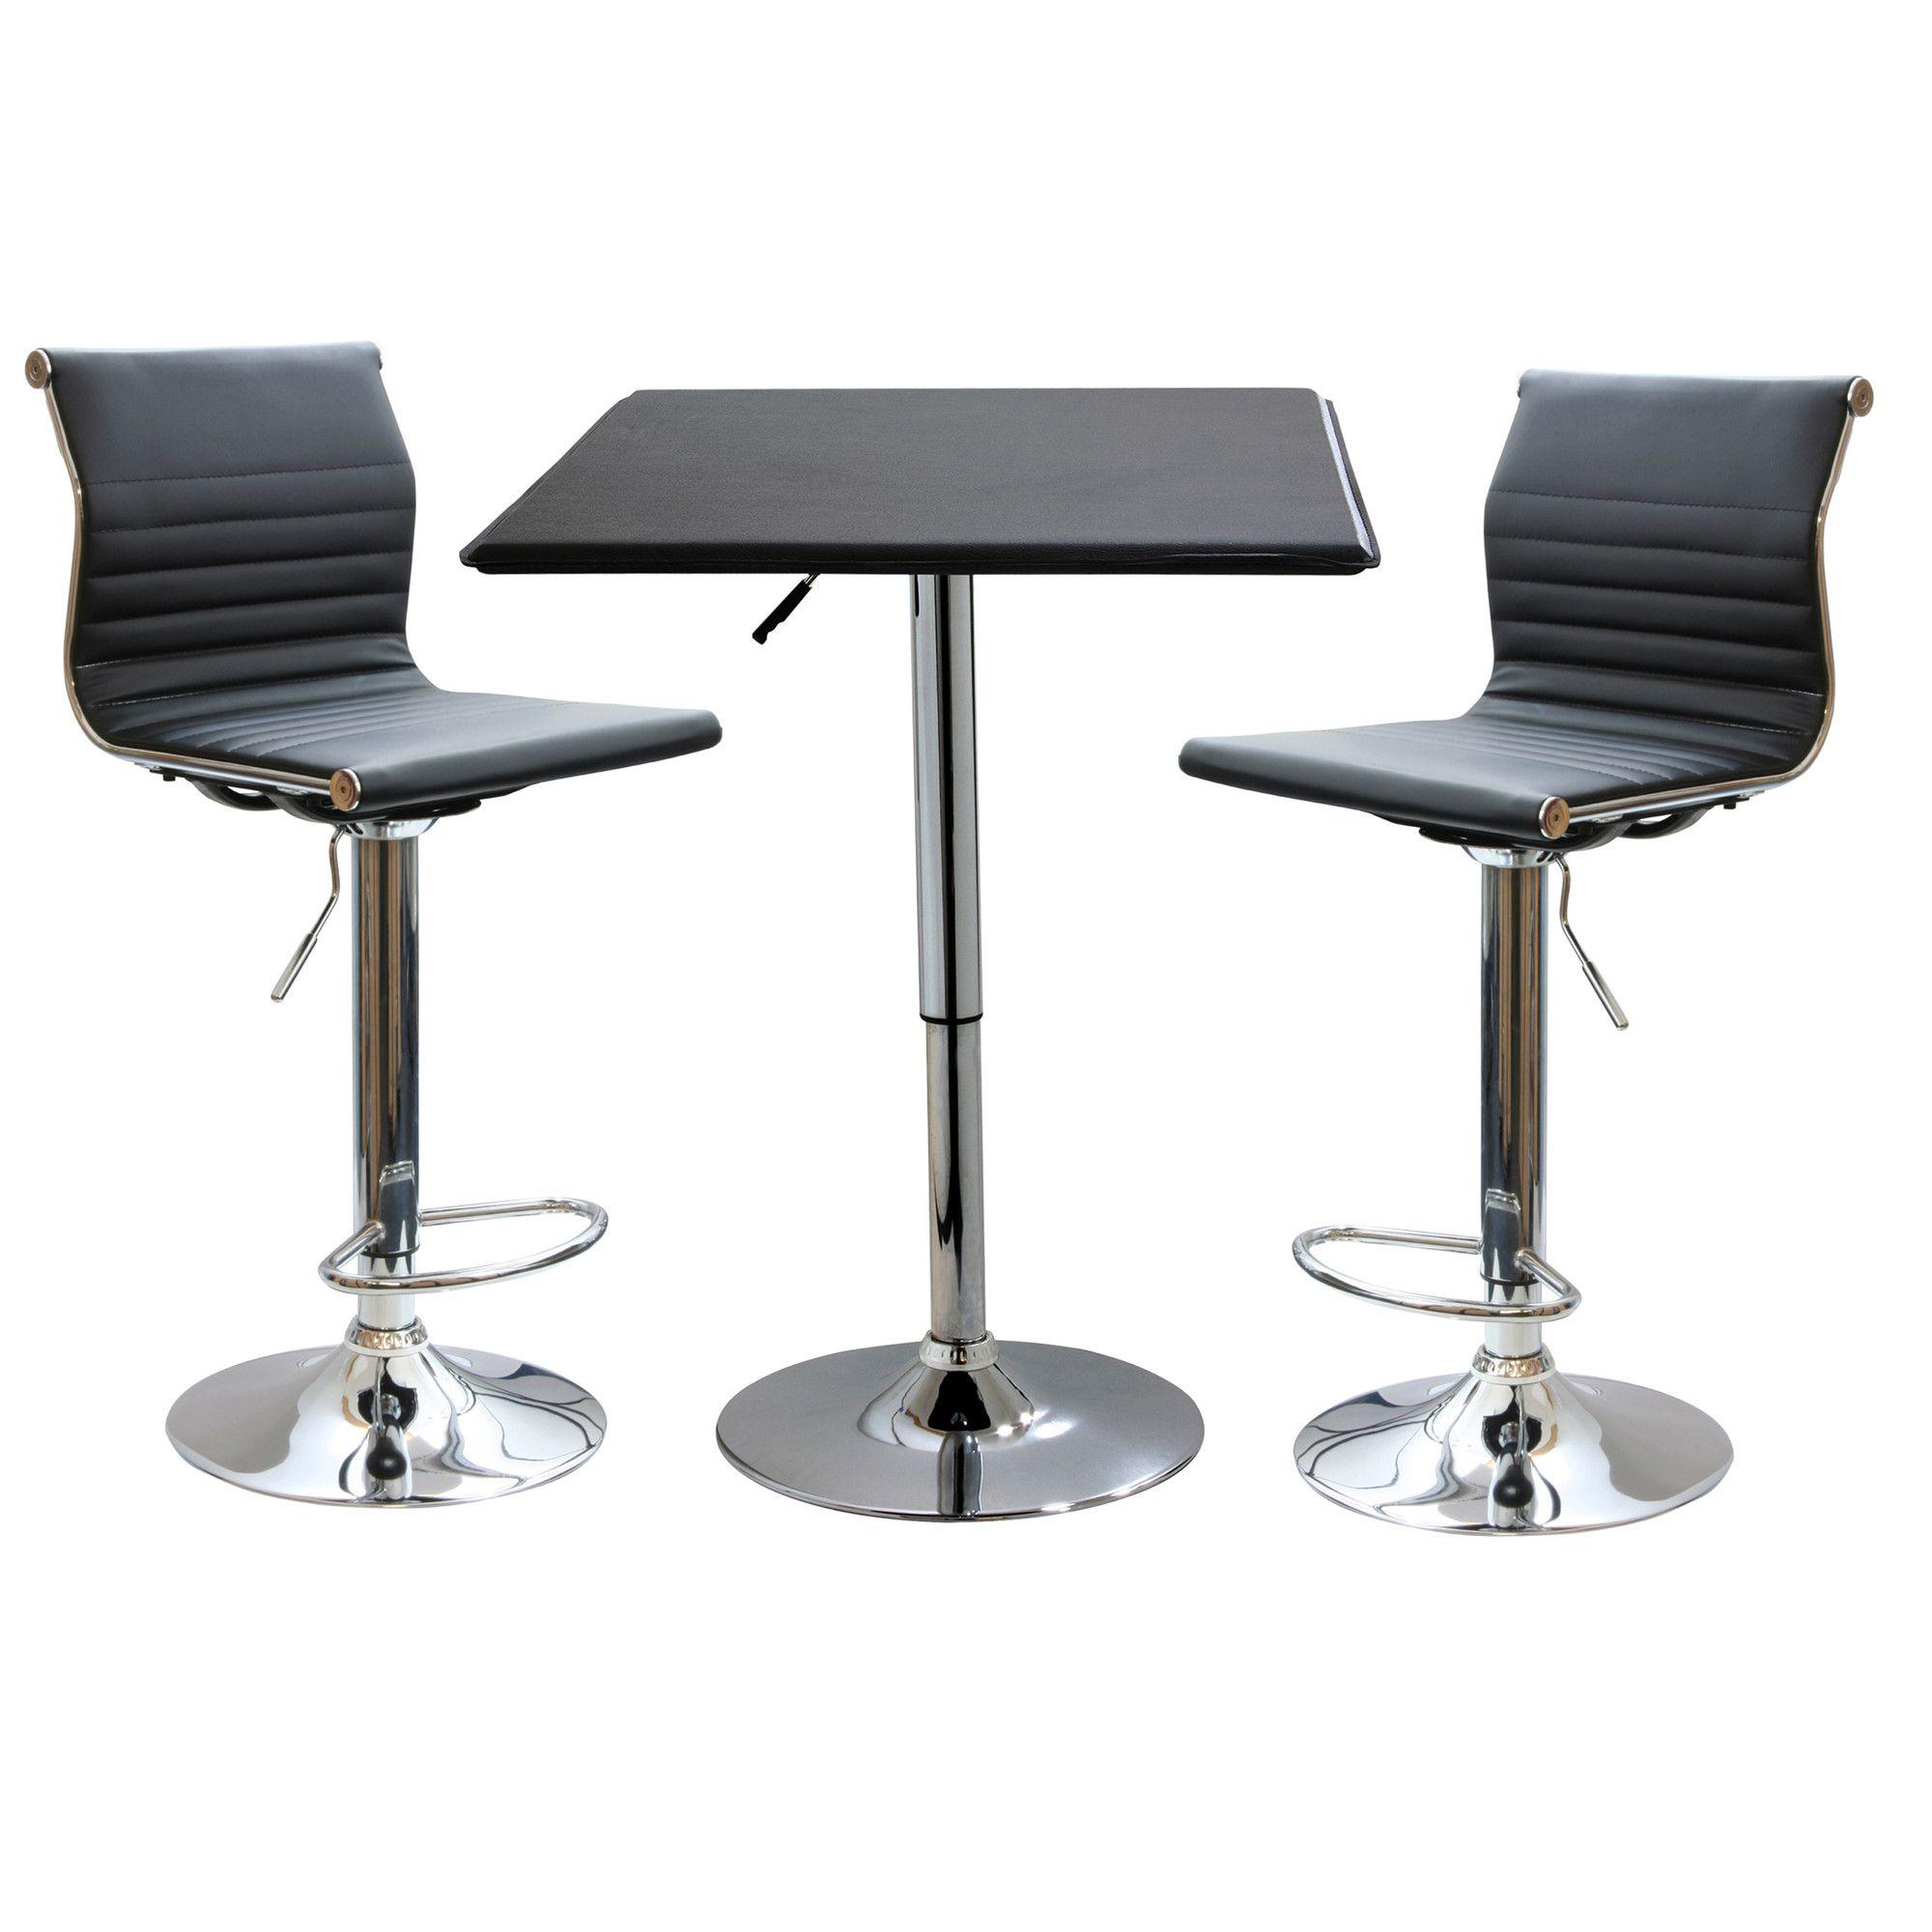 3-Piece Davis Adjustable Pub Table Set | Products | Pinterest | Pub ...